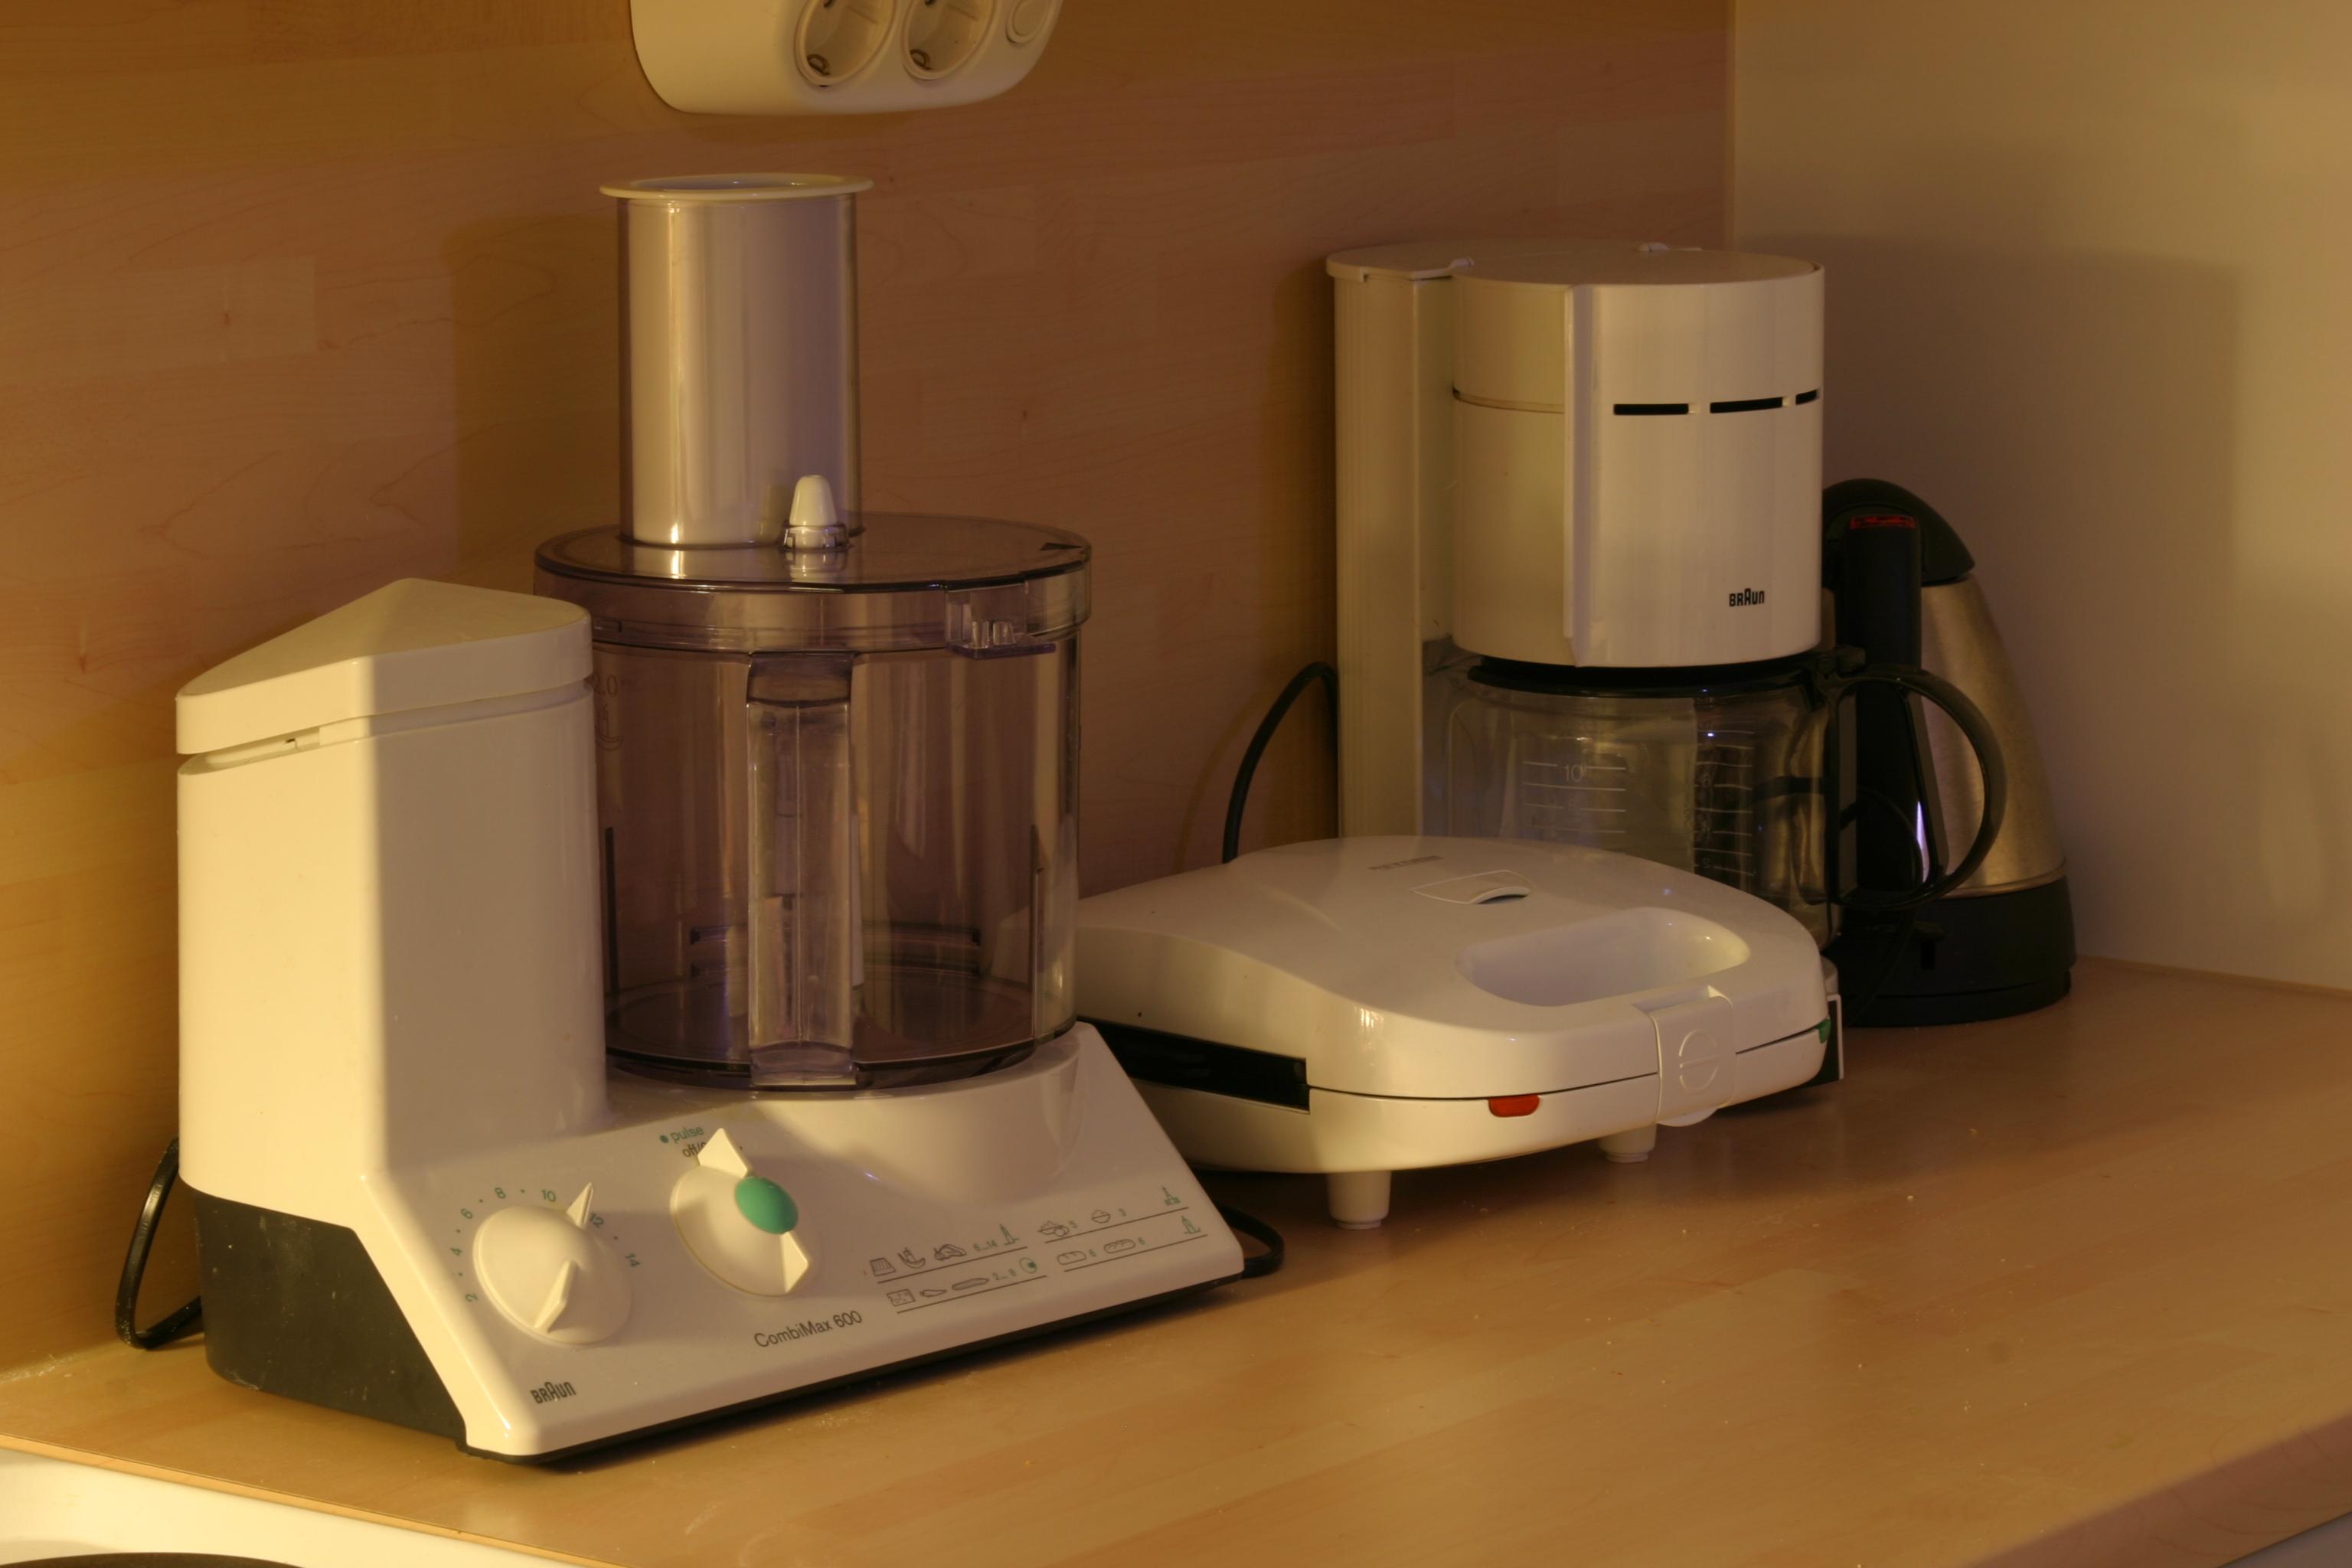 Kitchen appliance list Photo - 7